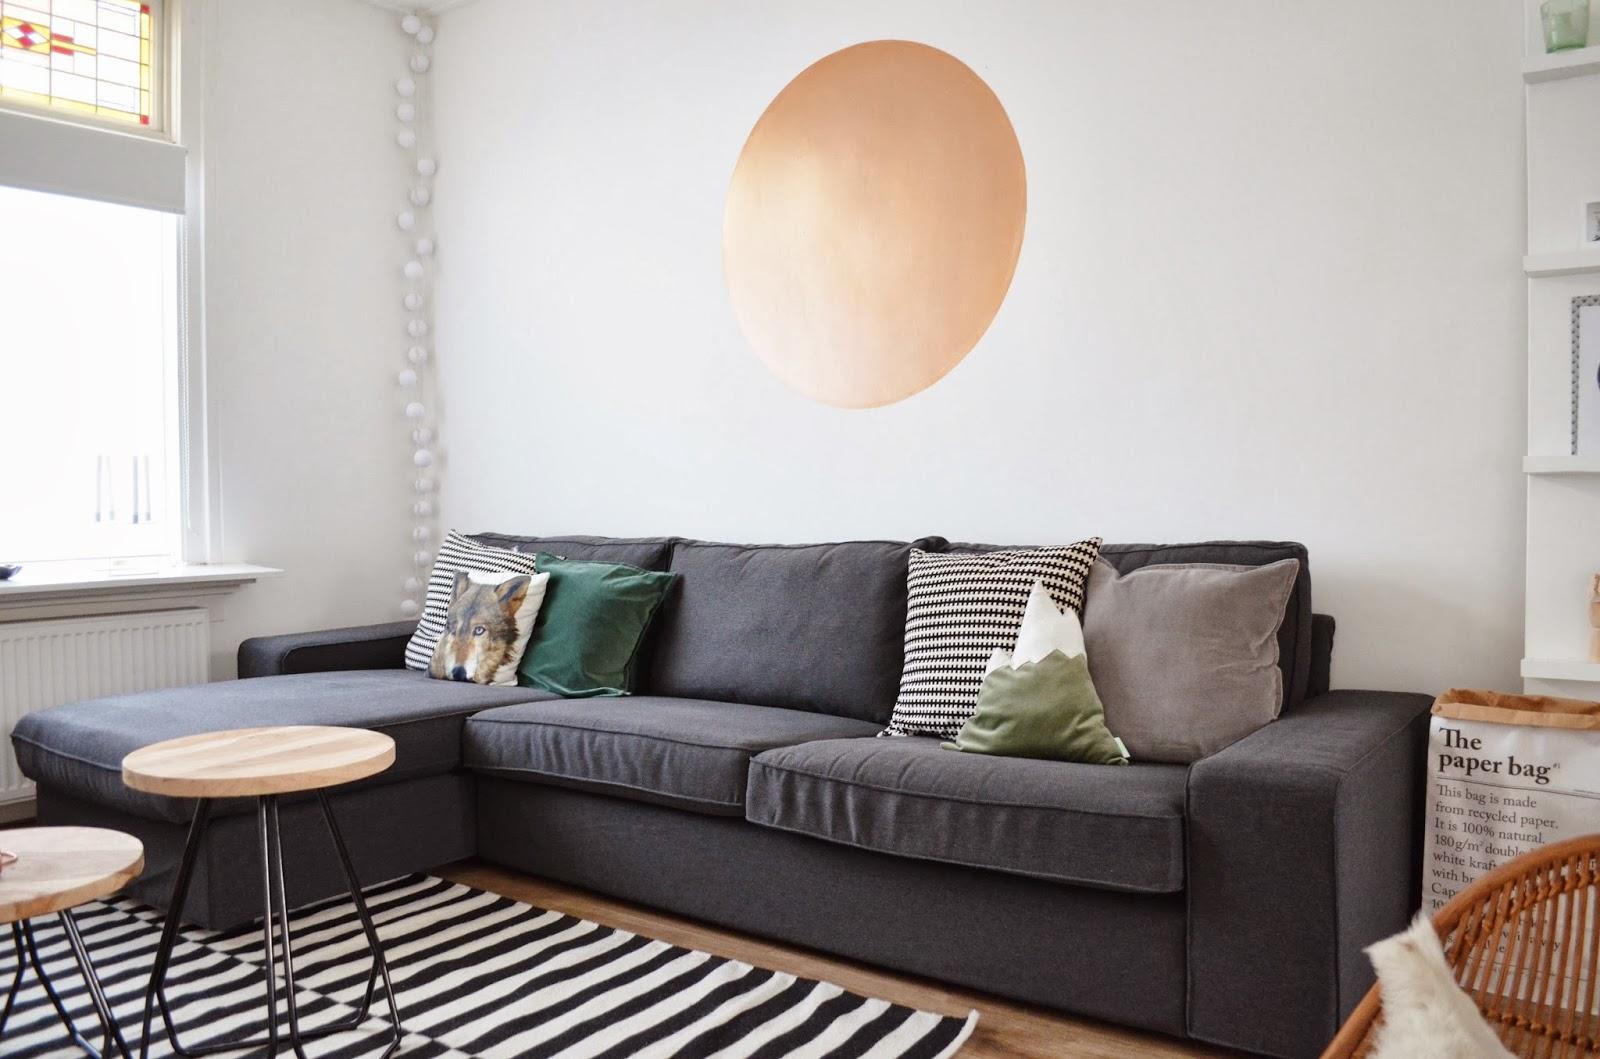 Diy: koperkleurige cirkel op de muur